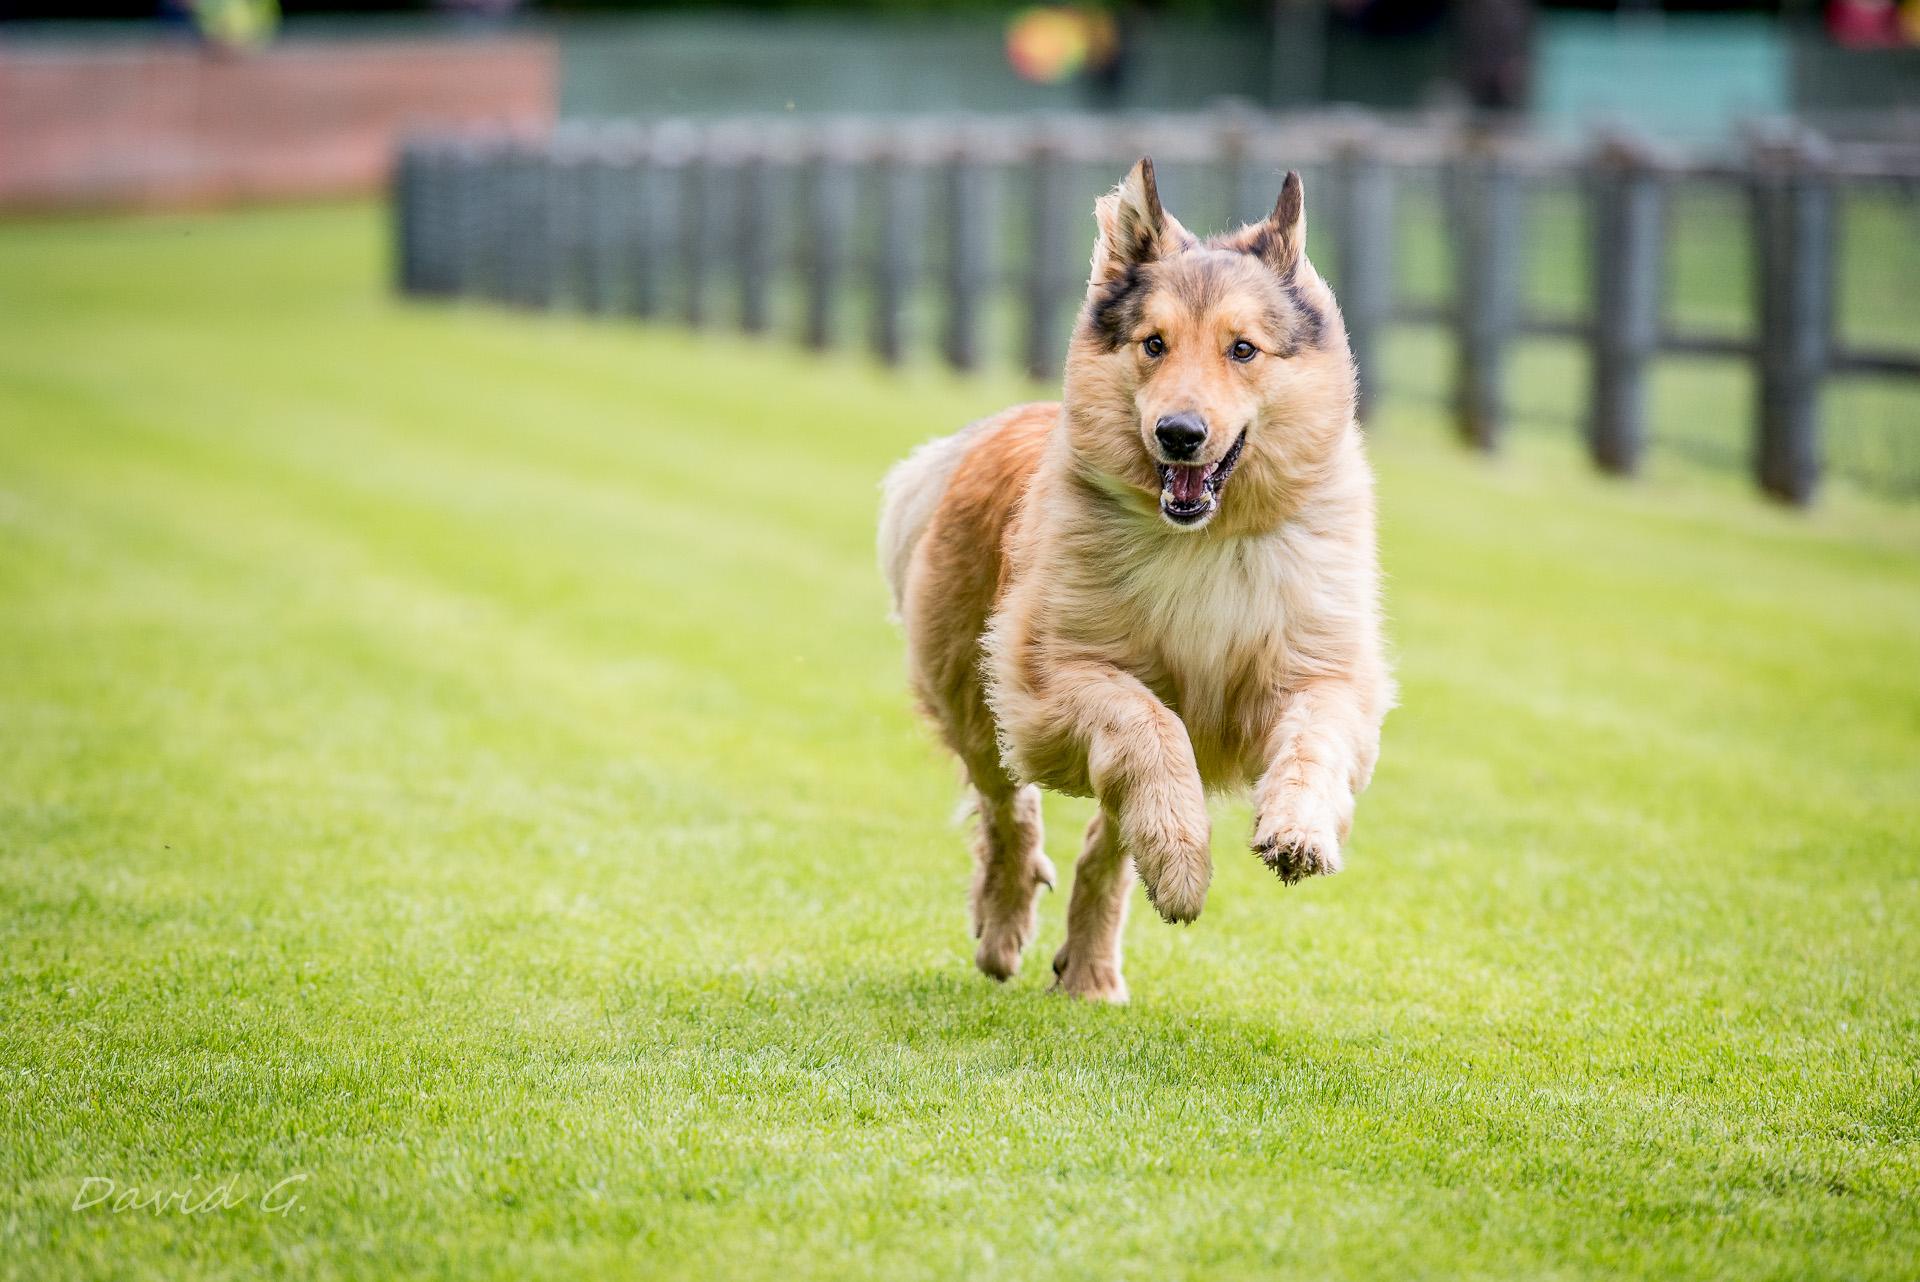 Jederhundrennen in Köln am Decksteiner Weiher Bild von Hund rennt über die Wiese